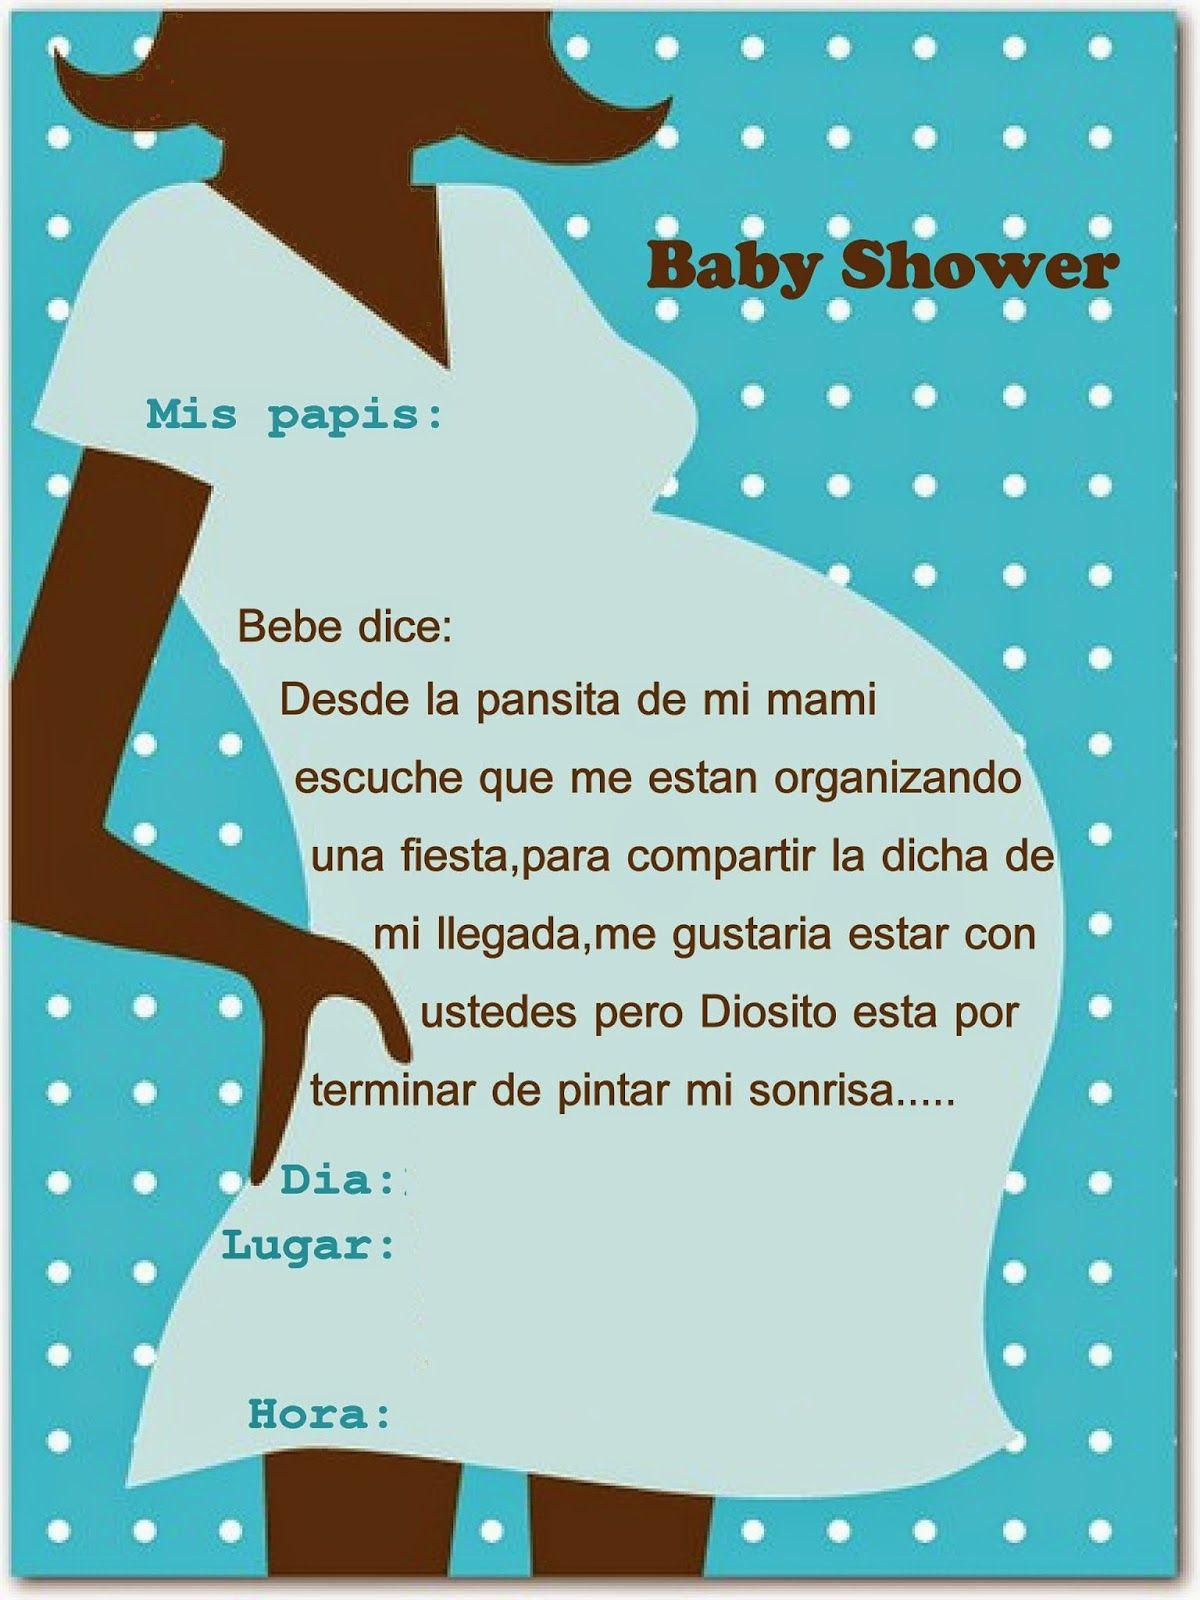 e515919f1 ☆·.·´¯`·.·☆La Casita de Vero☆·.·´¯`·.·☆  Invitacion para baby ...